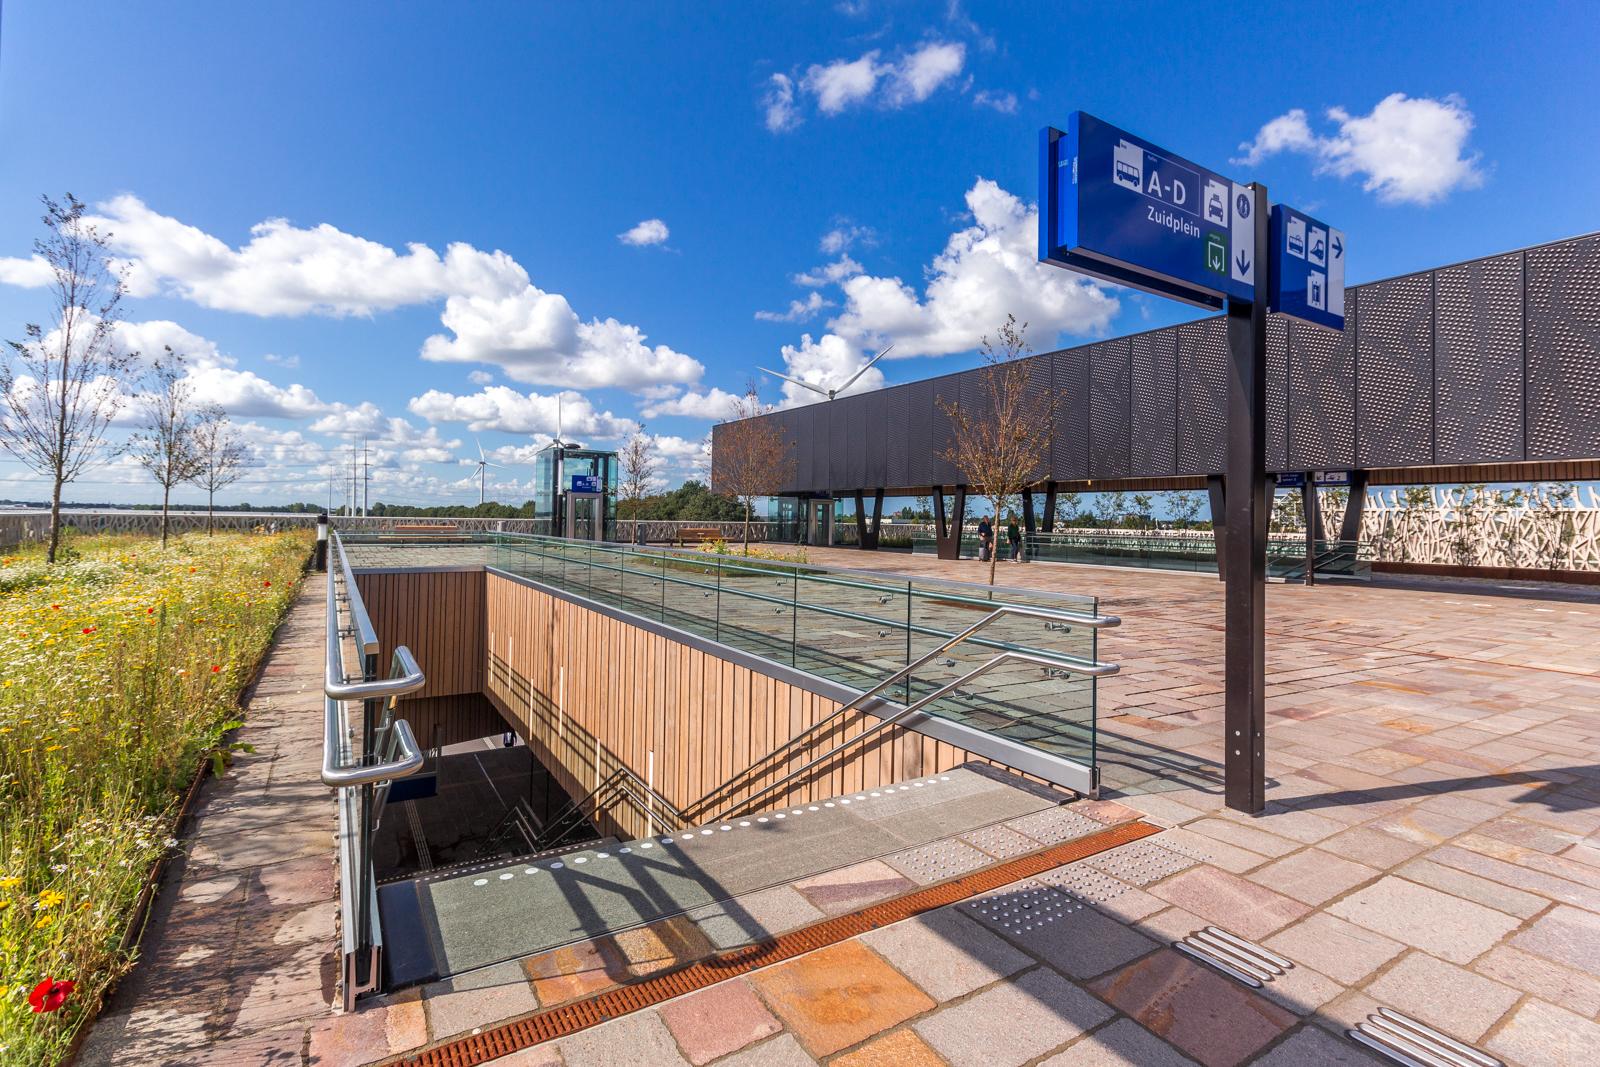 station-lansingerland-zoetermeer-7375